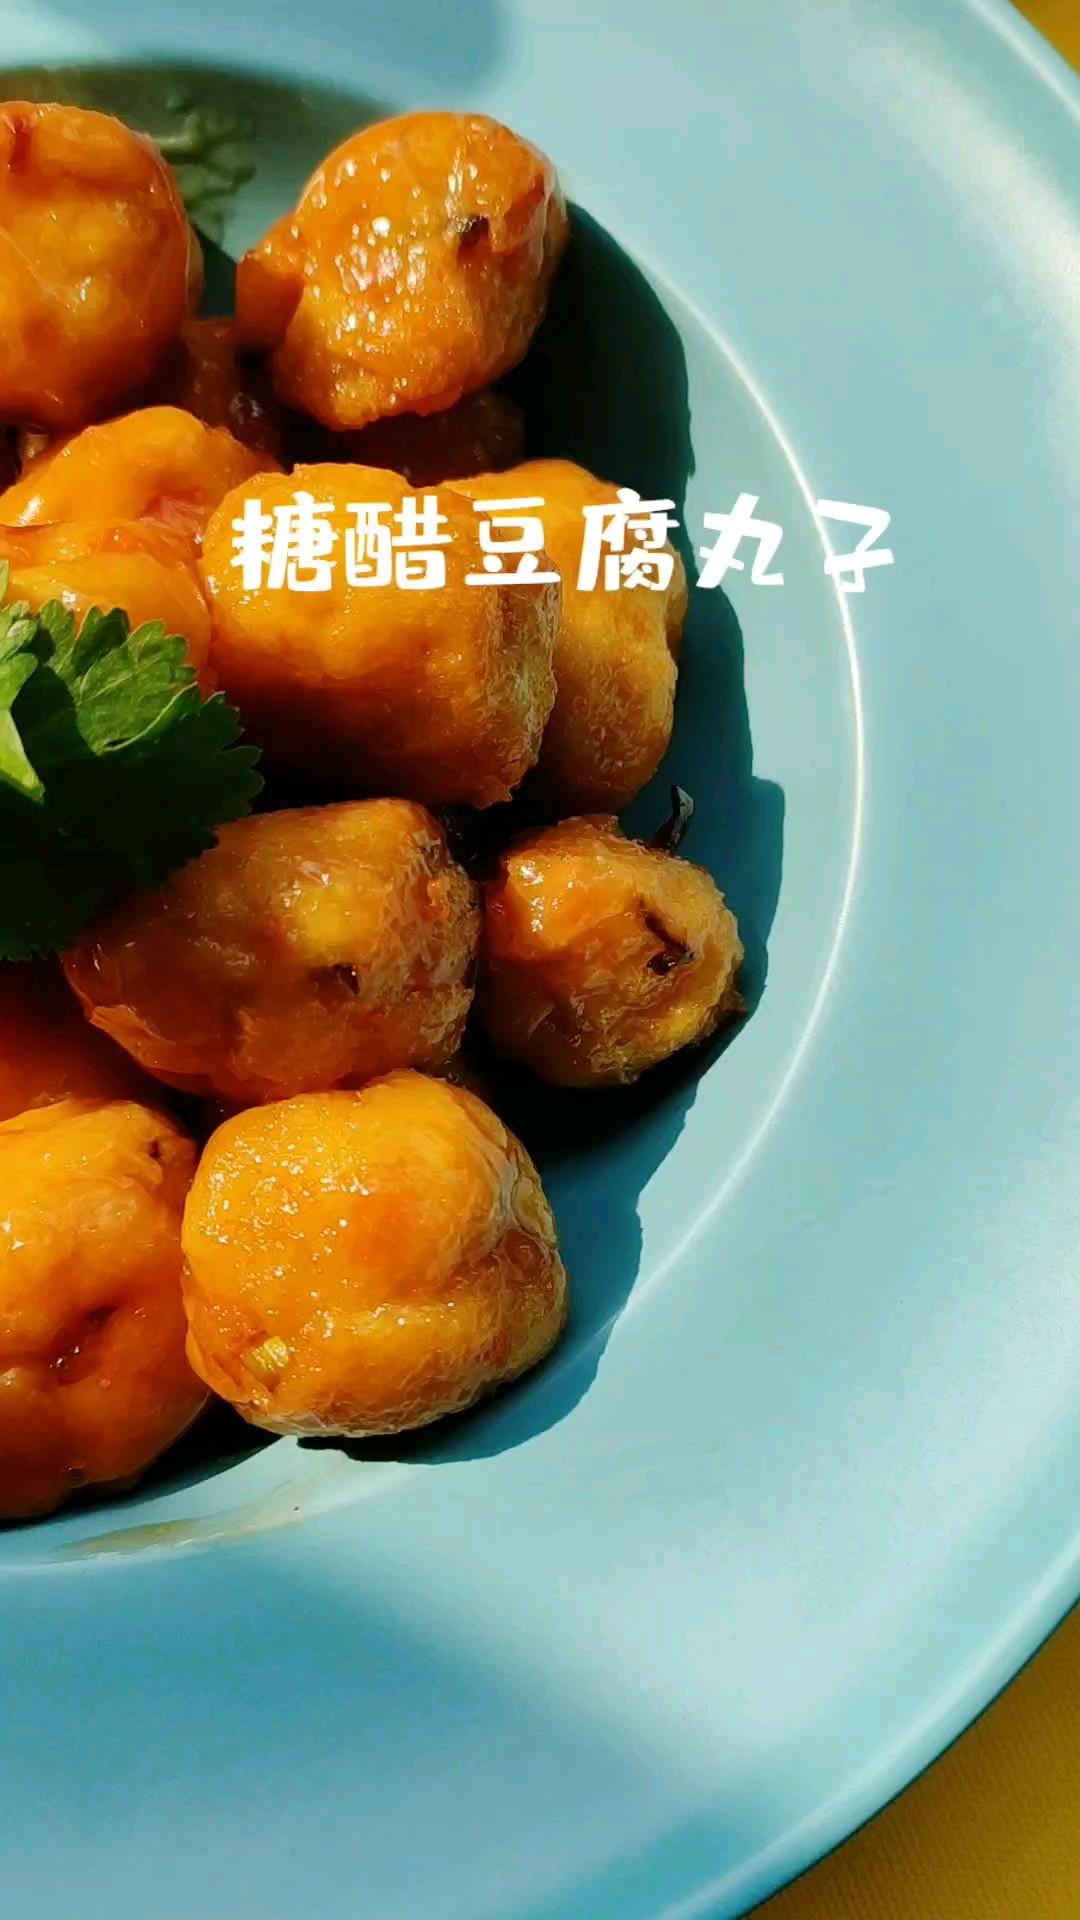 糖醋豆腐丸子